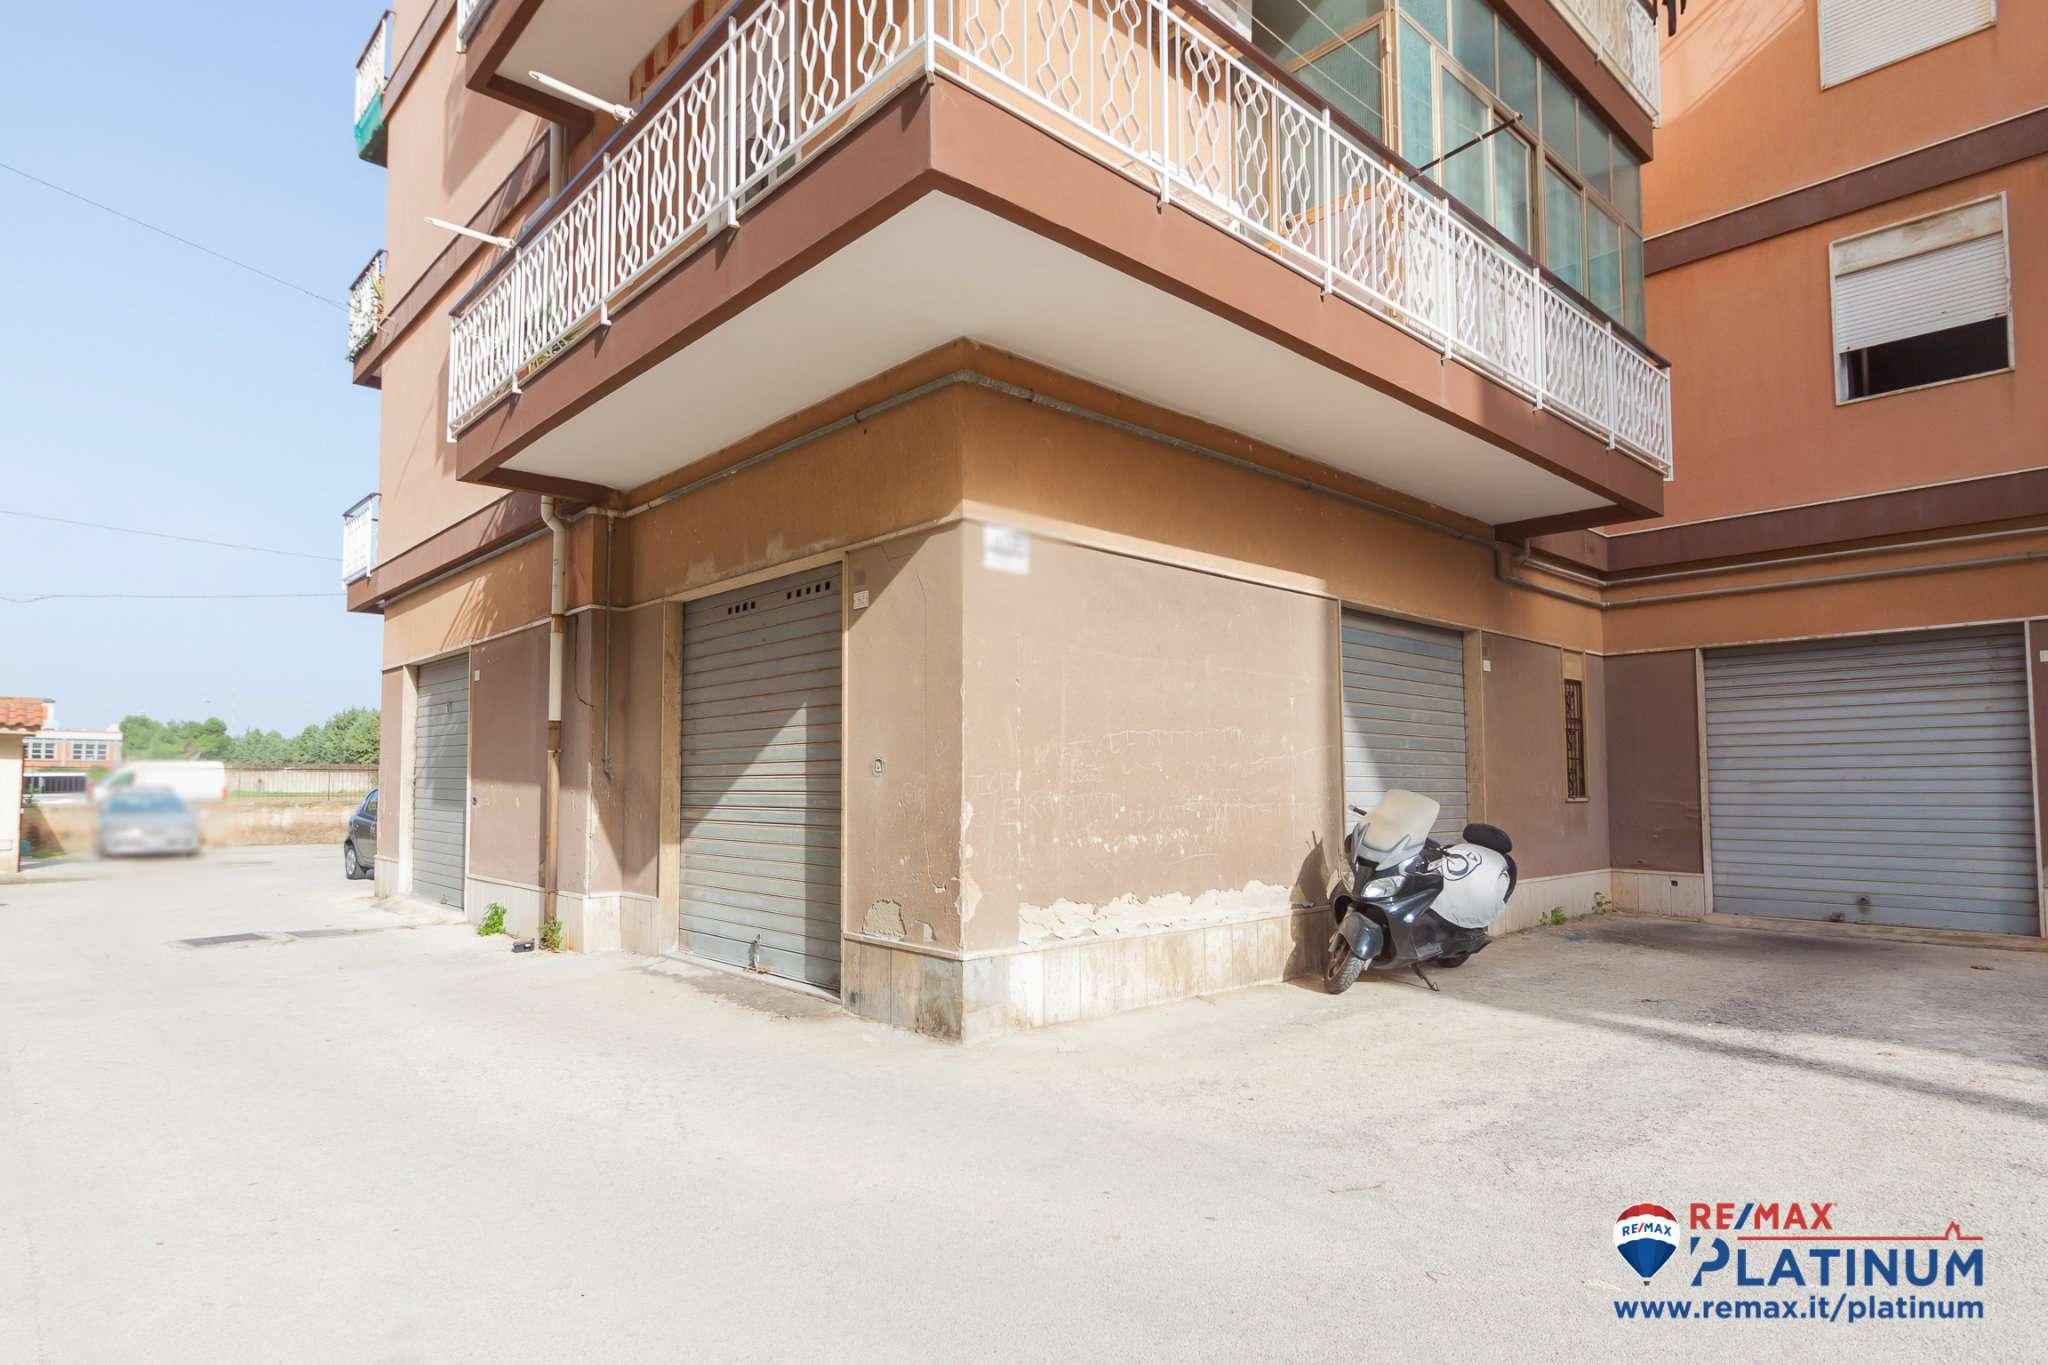 Magazzino in vendita a Siracusa, 1 locali, prezzo € 45.000 | PortaleAgenzieImmobiliari.it